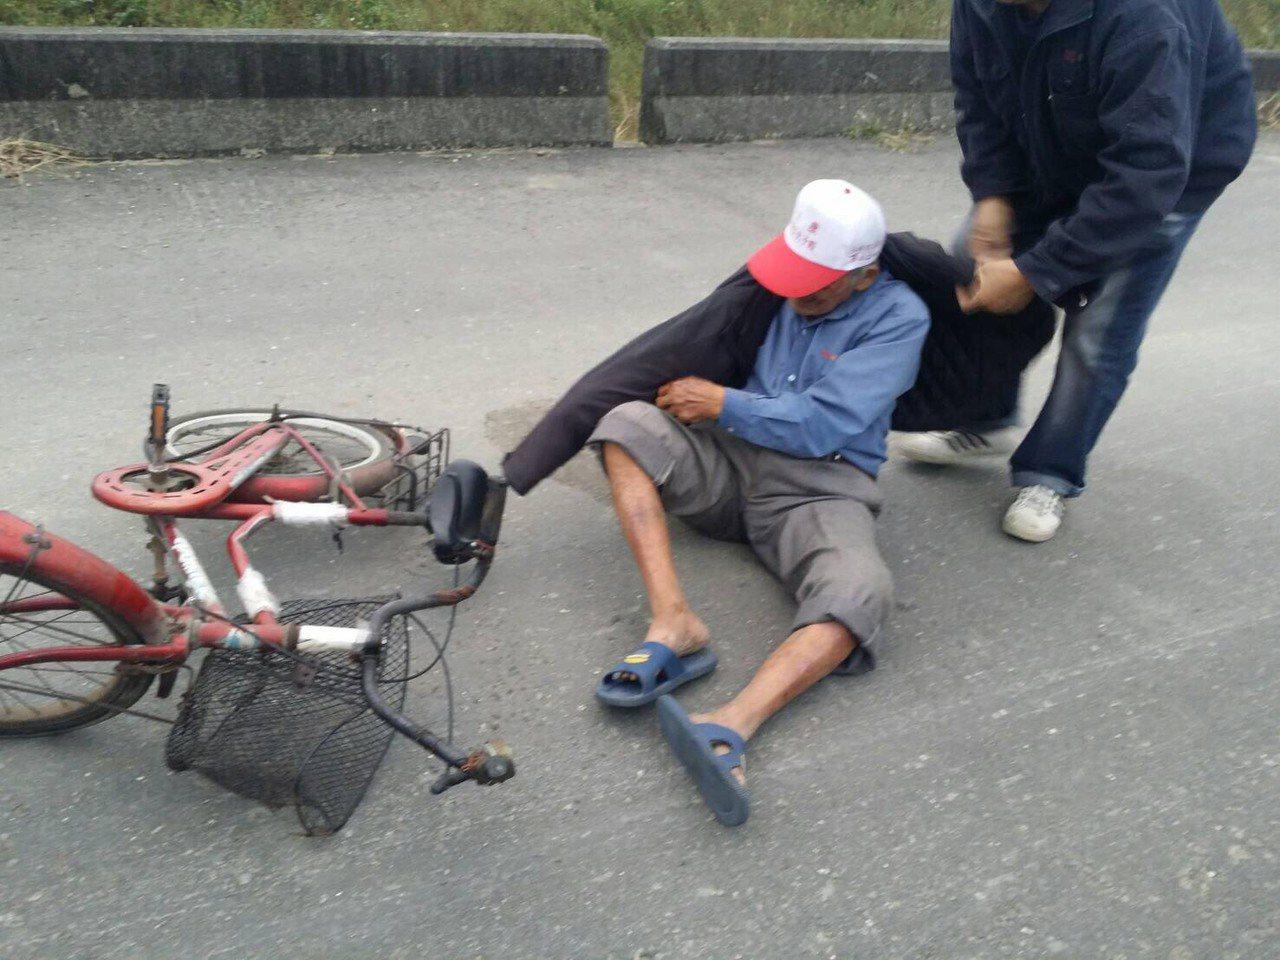 台南柳營87歲失智黃姓老翁騎乘腳踏車外出徹夜未歸,家屬焦急不已,白河警方及時尋獲...